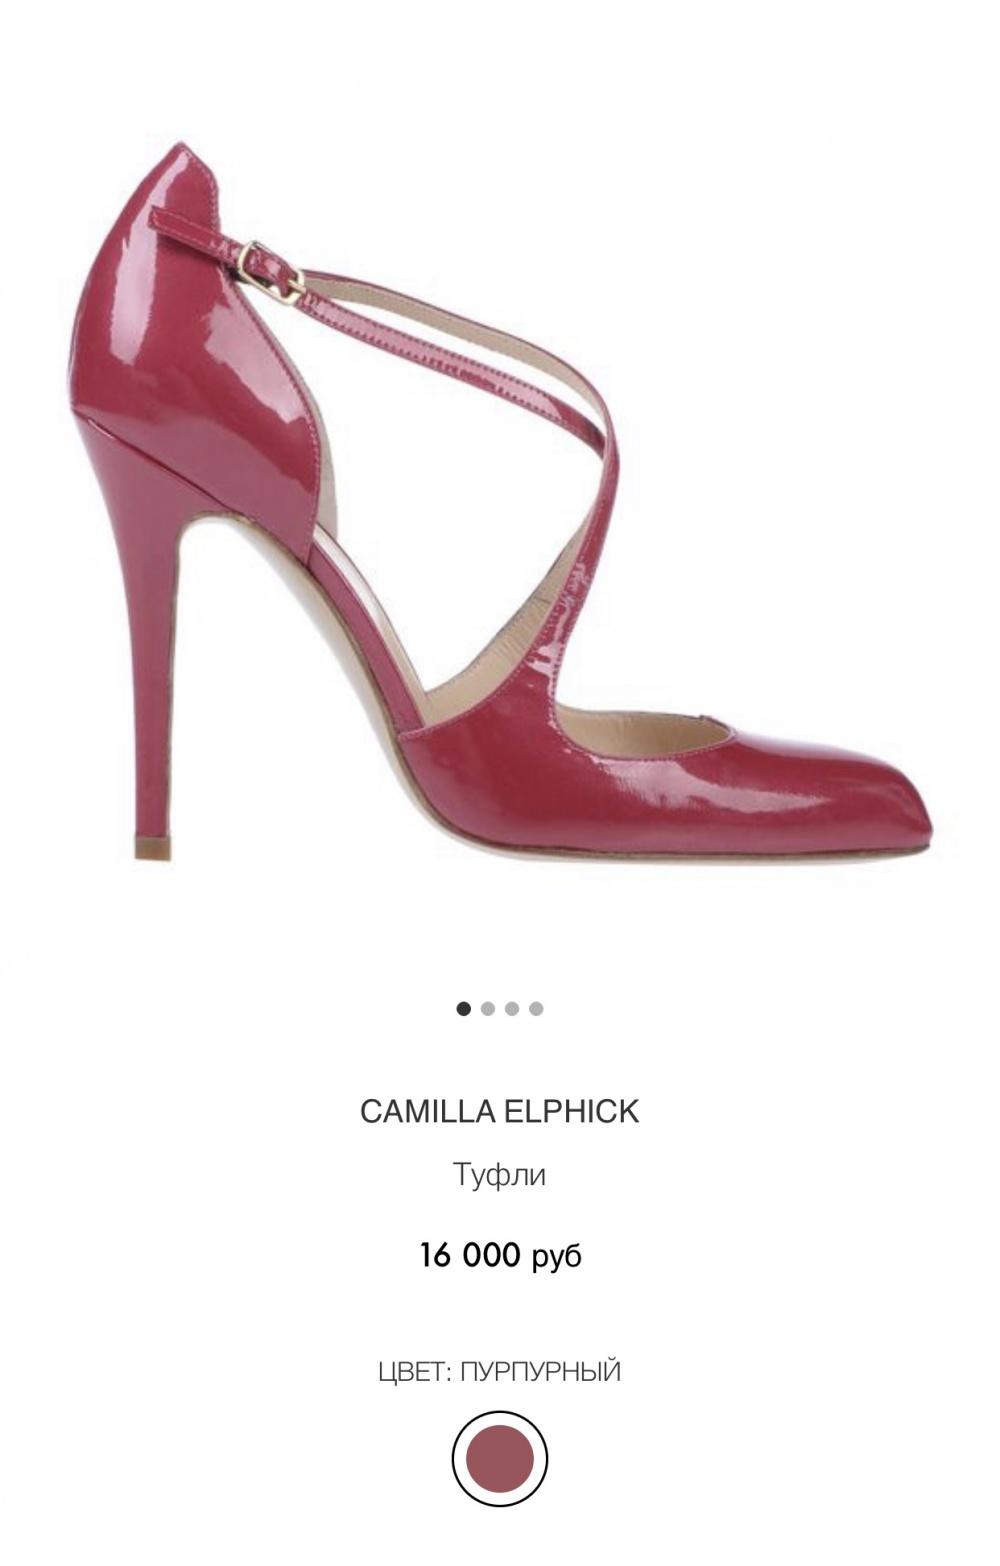 Туфли Camilla Elphick размер 38 идут на 37